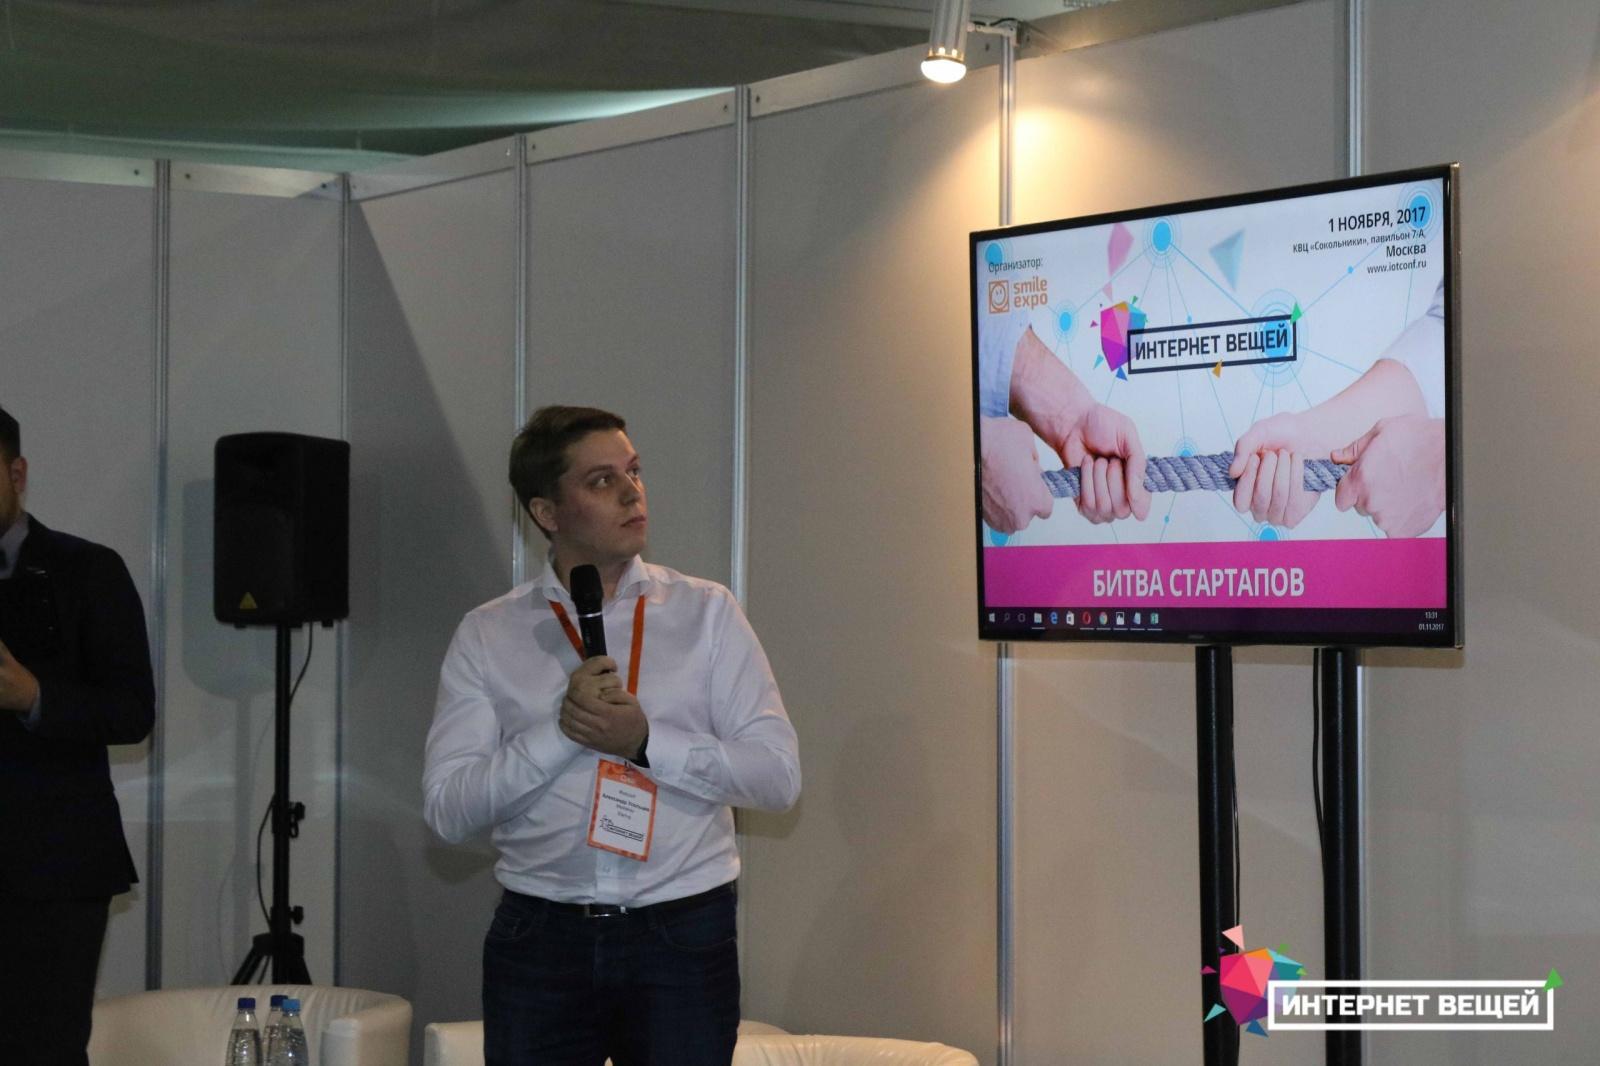 Жизнь людей должна улучшаться. Главные выводы московского слёта IoT-производителей - 9